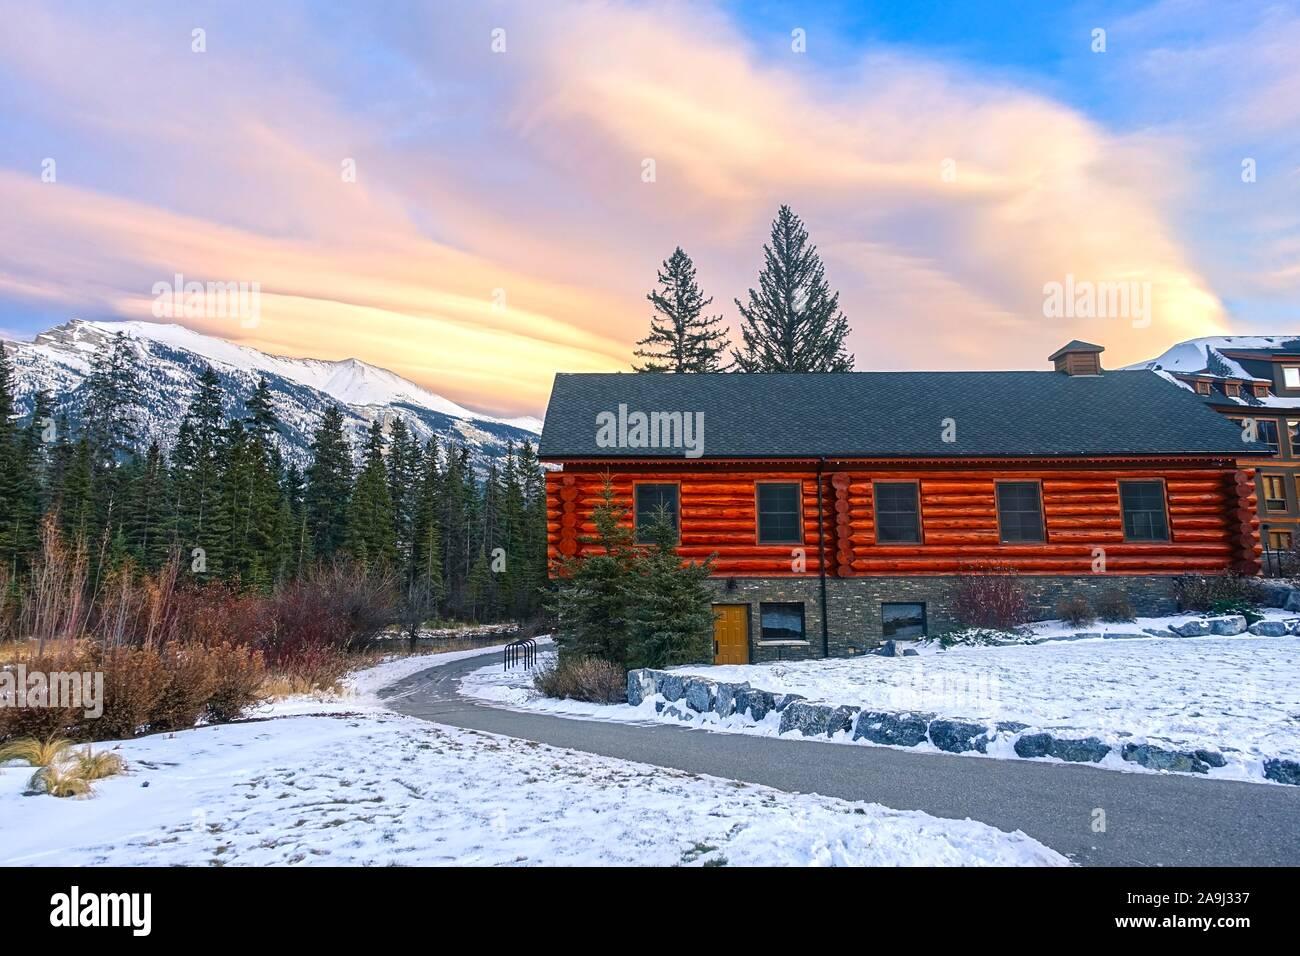 snowy-walking-footpath-by-wooden-alpine-